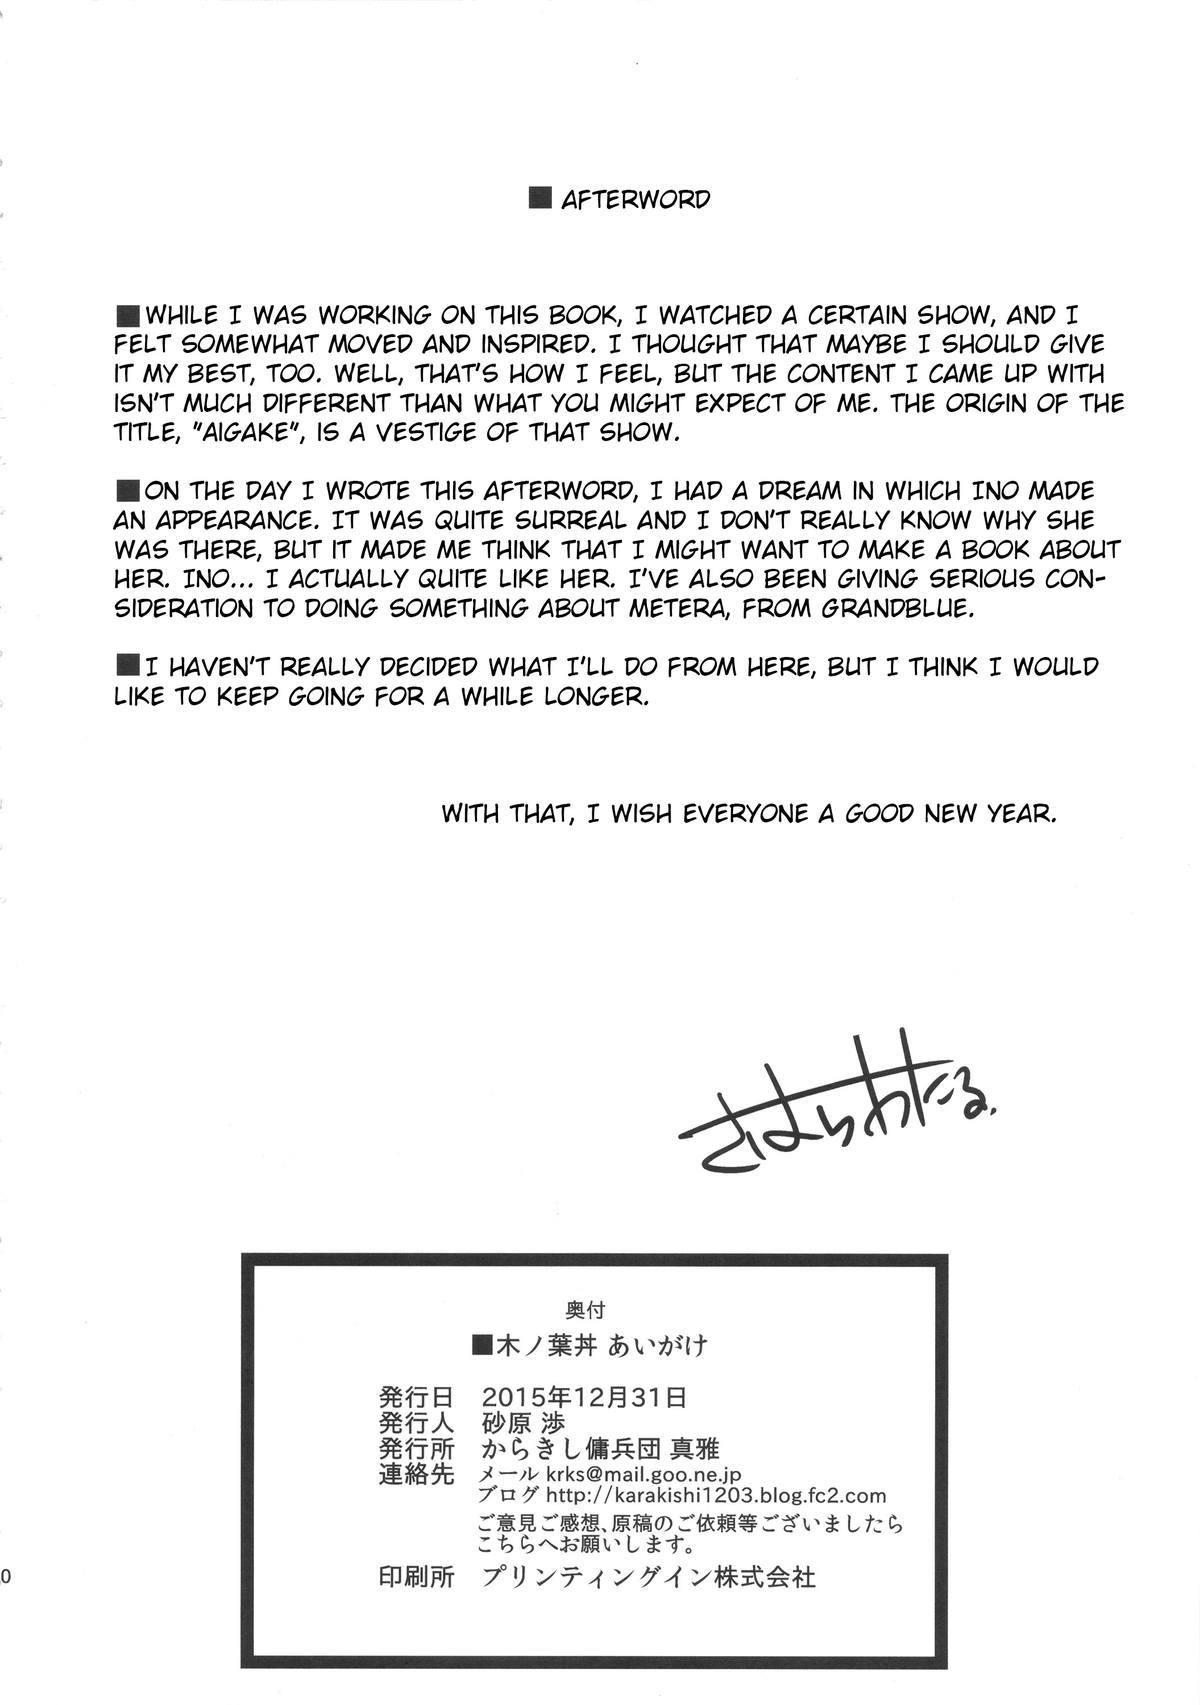 Konoha Donburi Aigake page 29